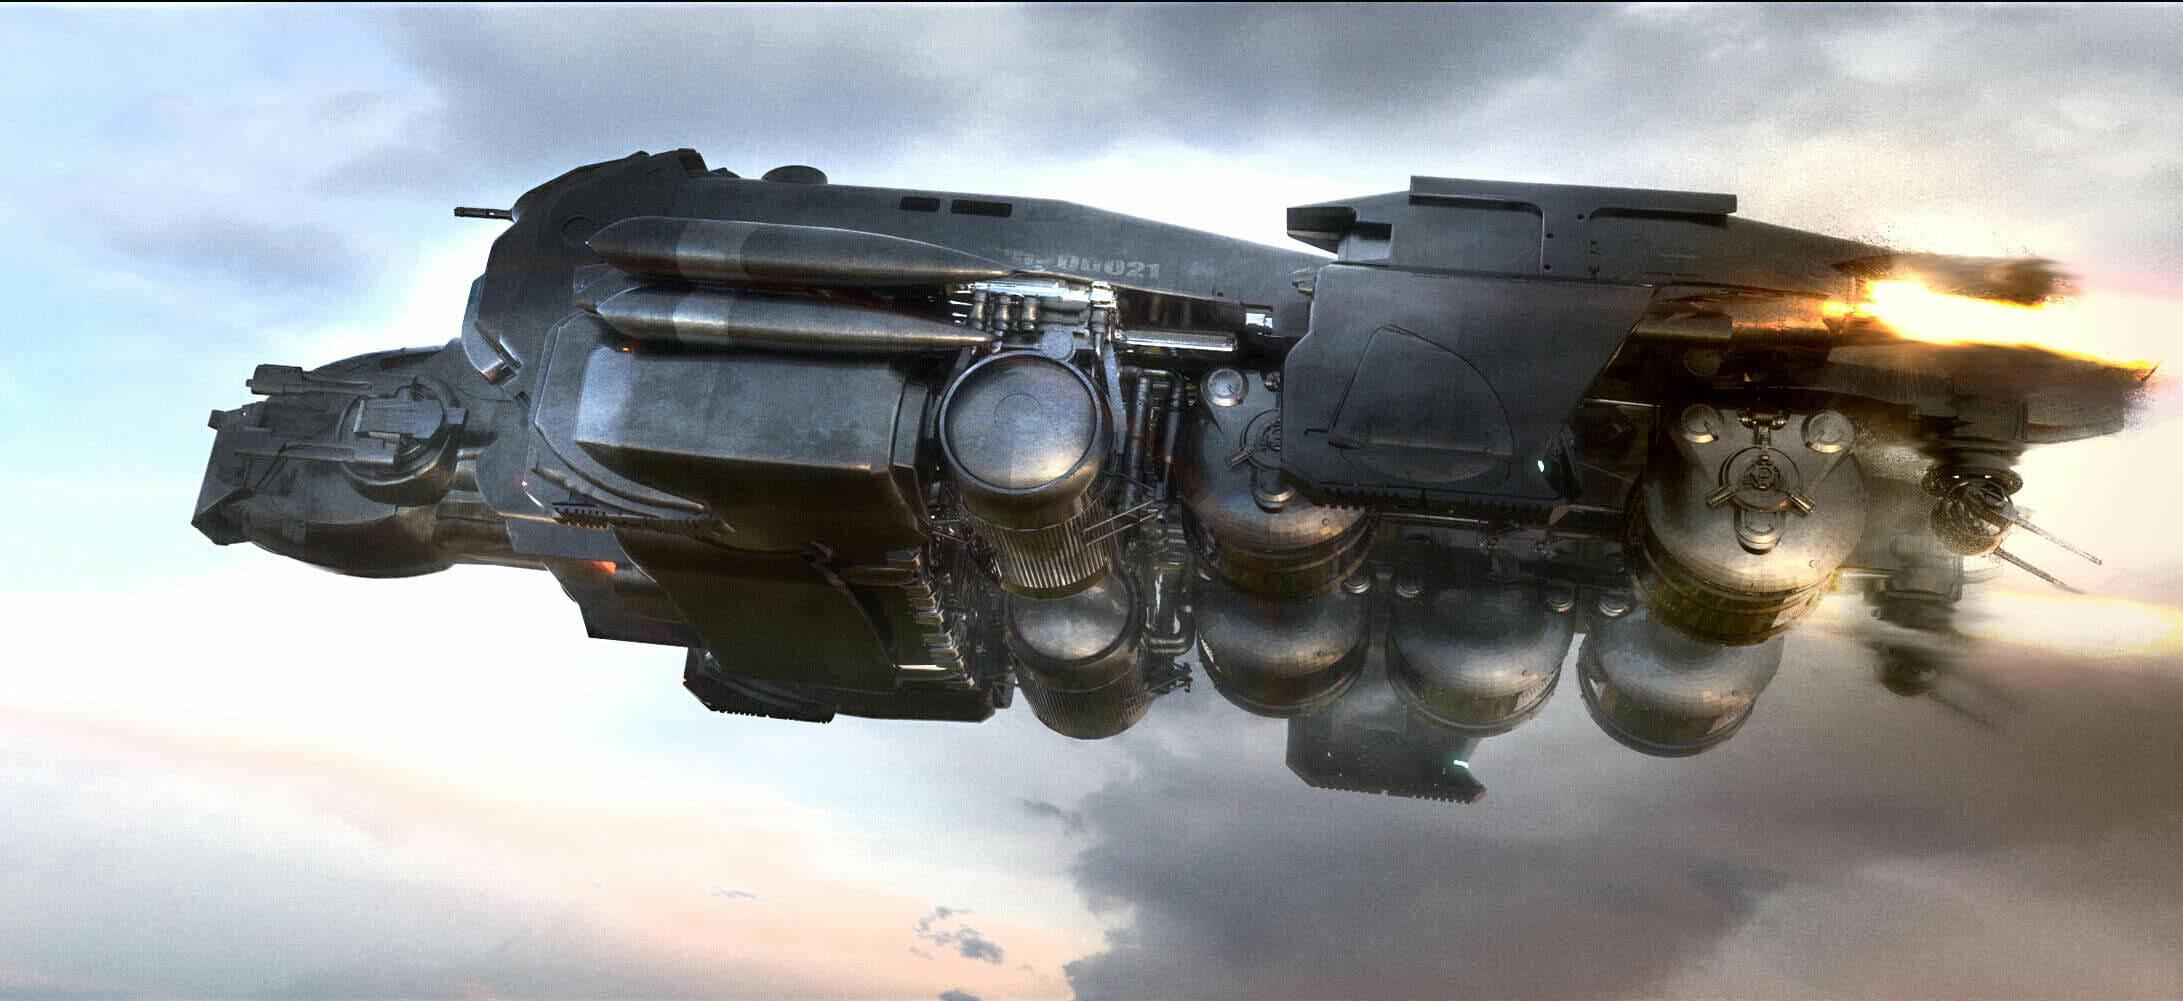 Arricchire_la_Starfarer - Gemini2338.jpg